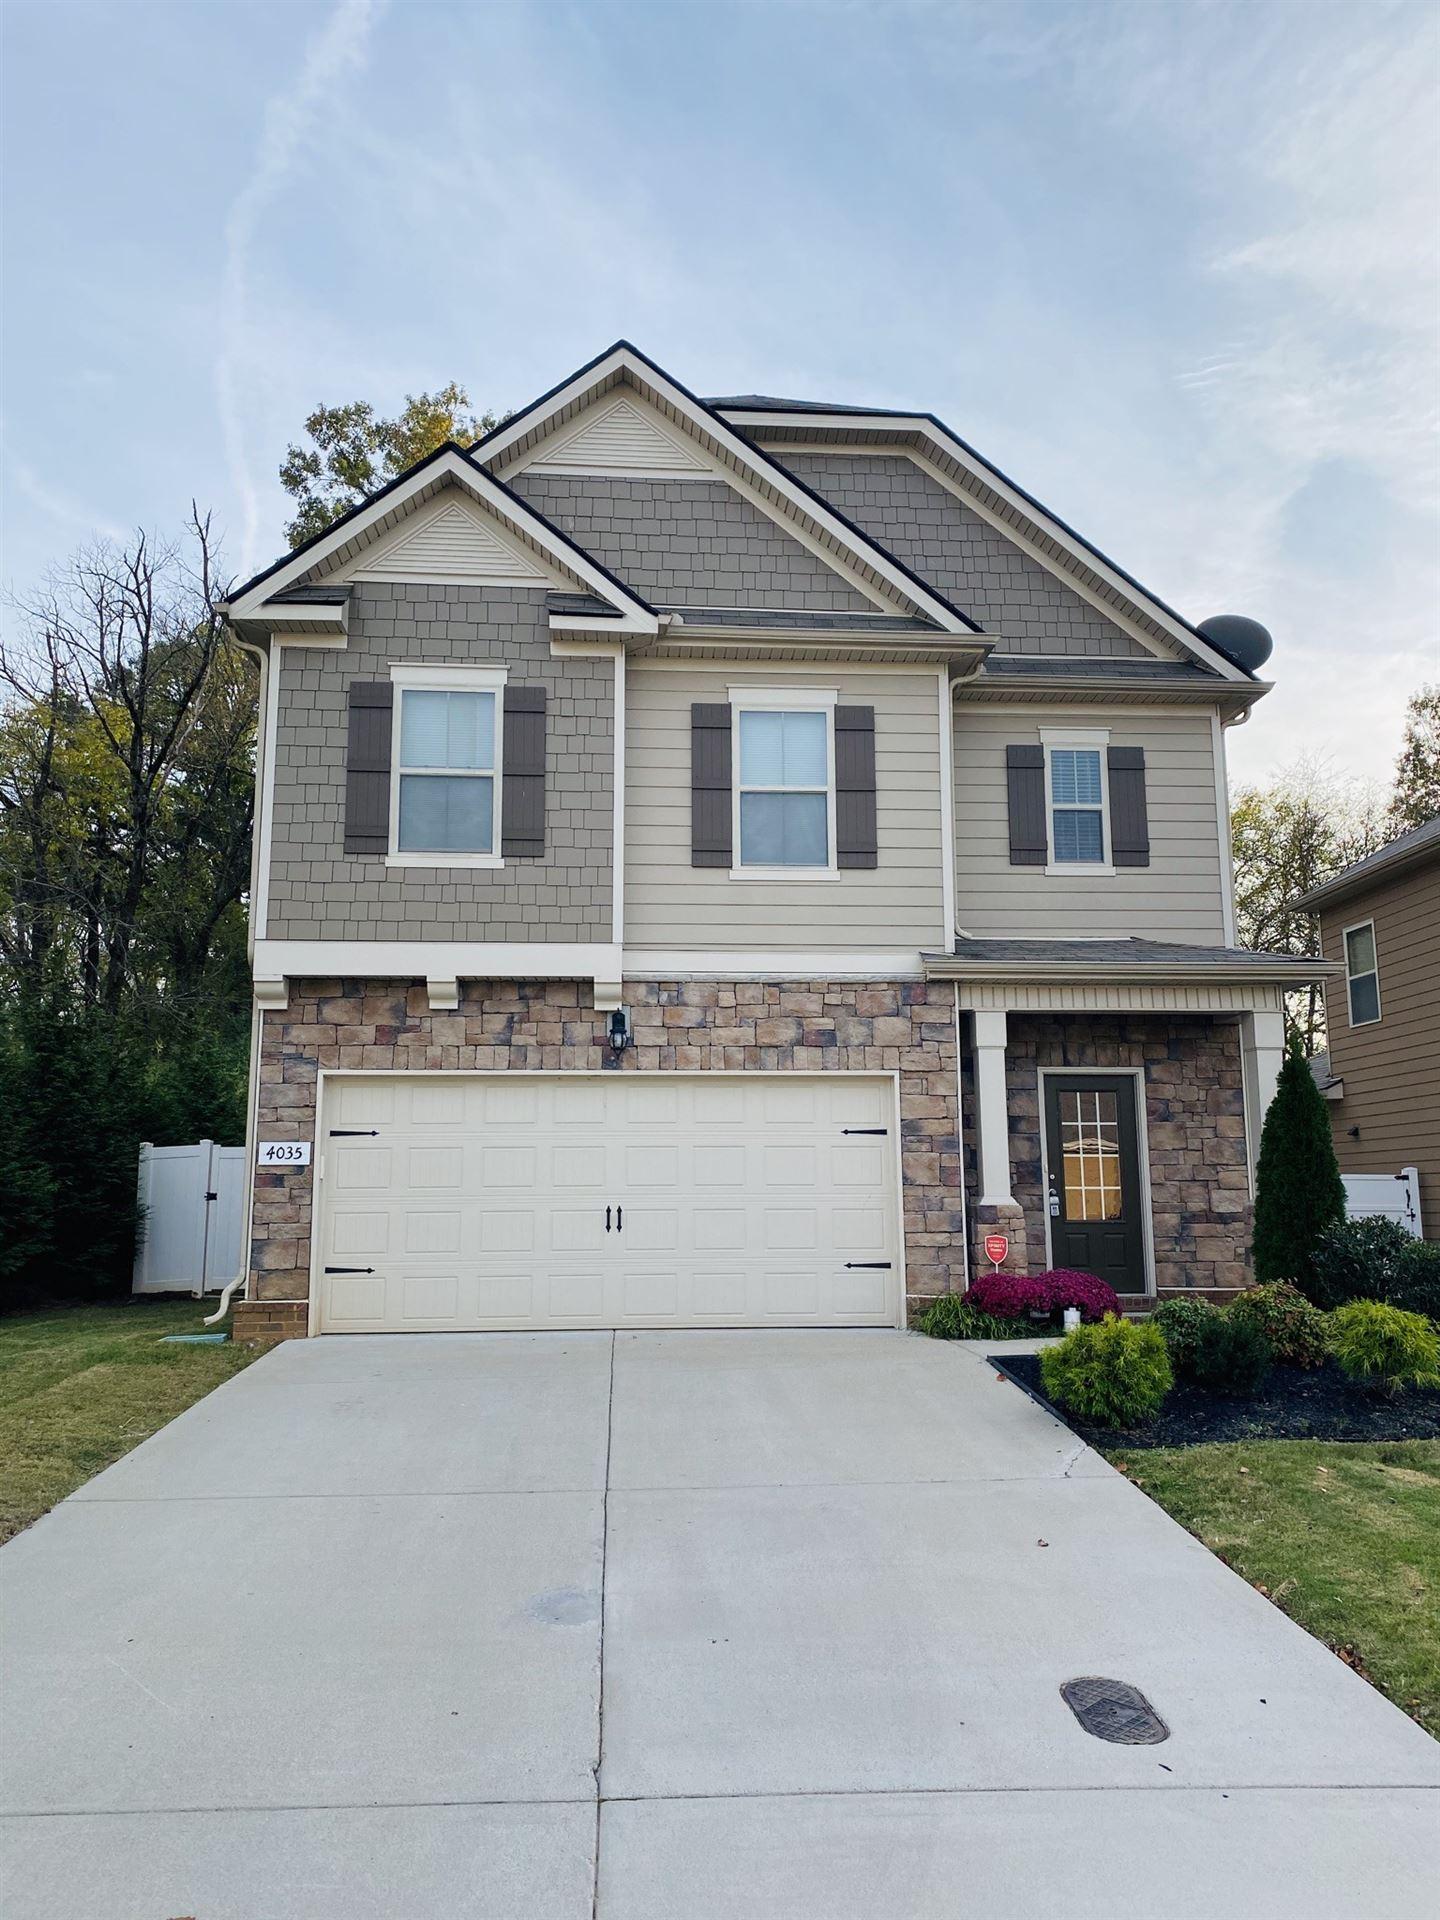 4035 Cannonsgate Ln, Murfreesboro, TN 37128 - MLS#: 2202718